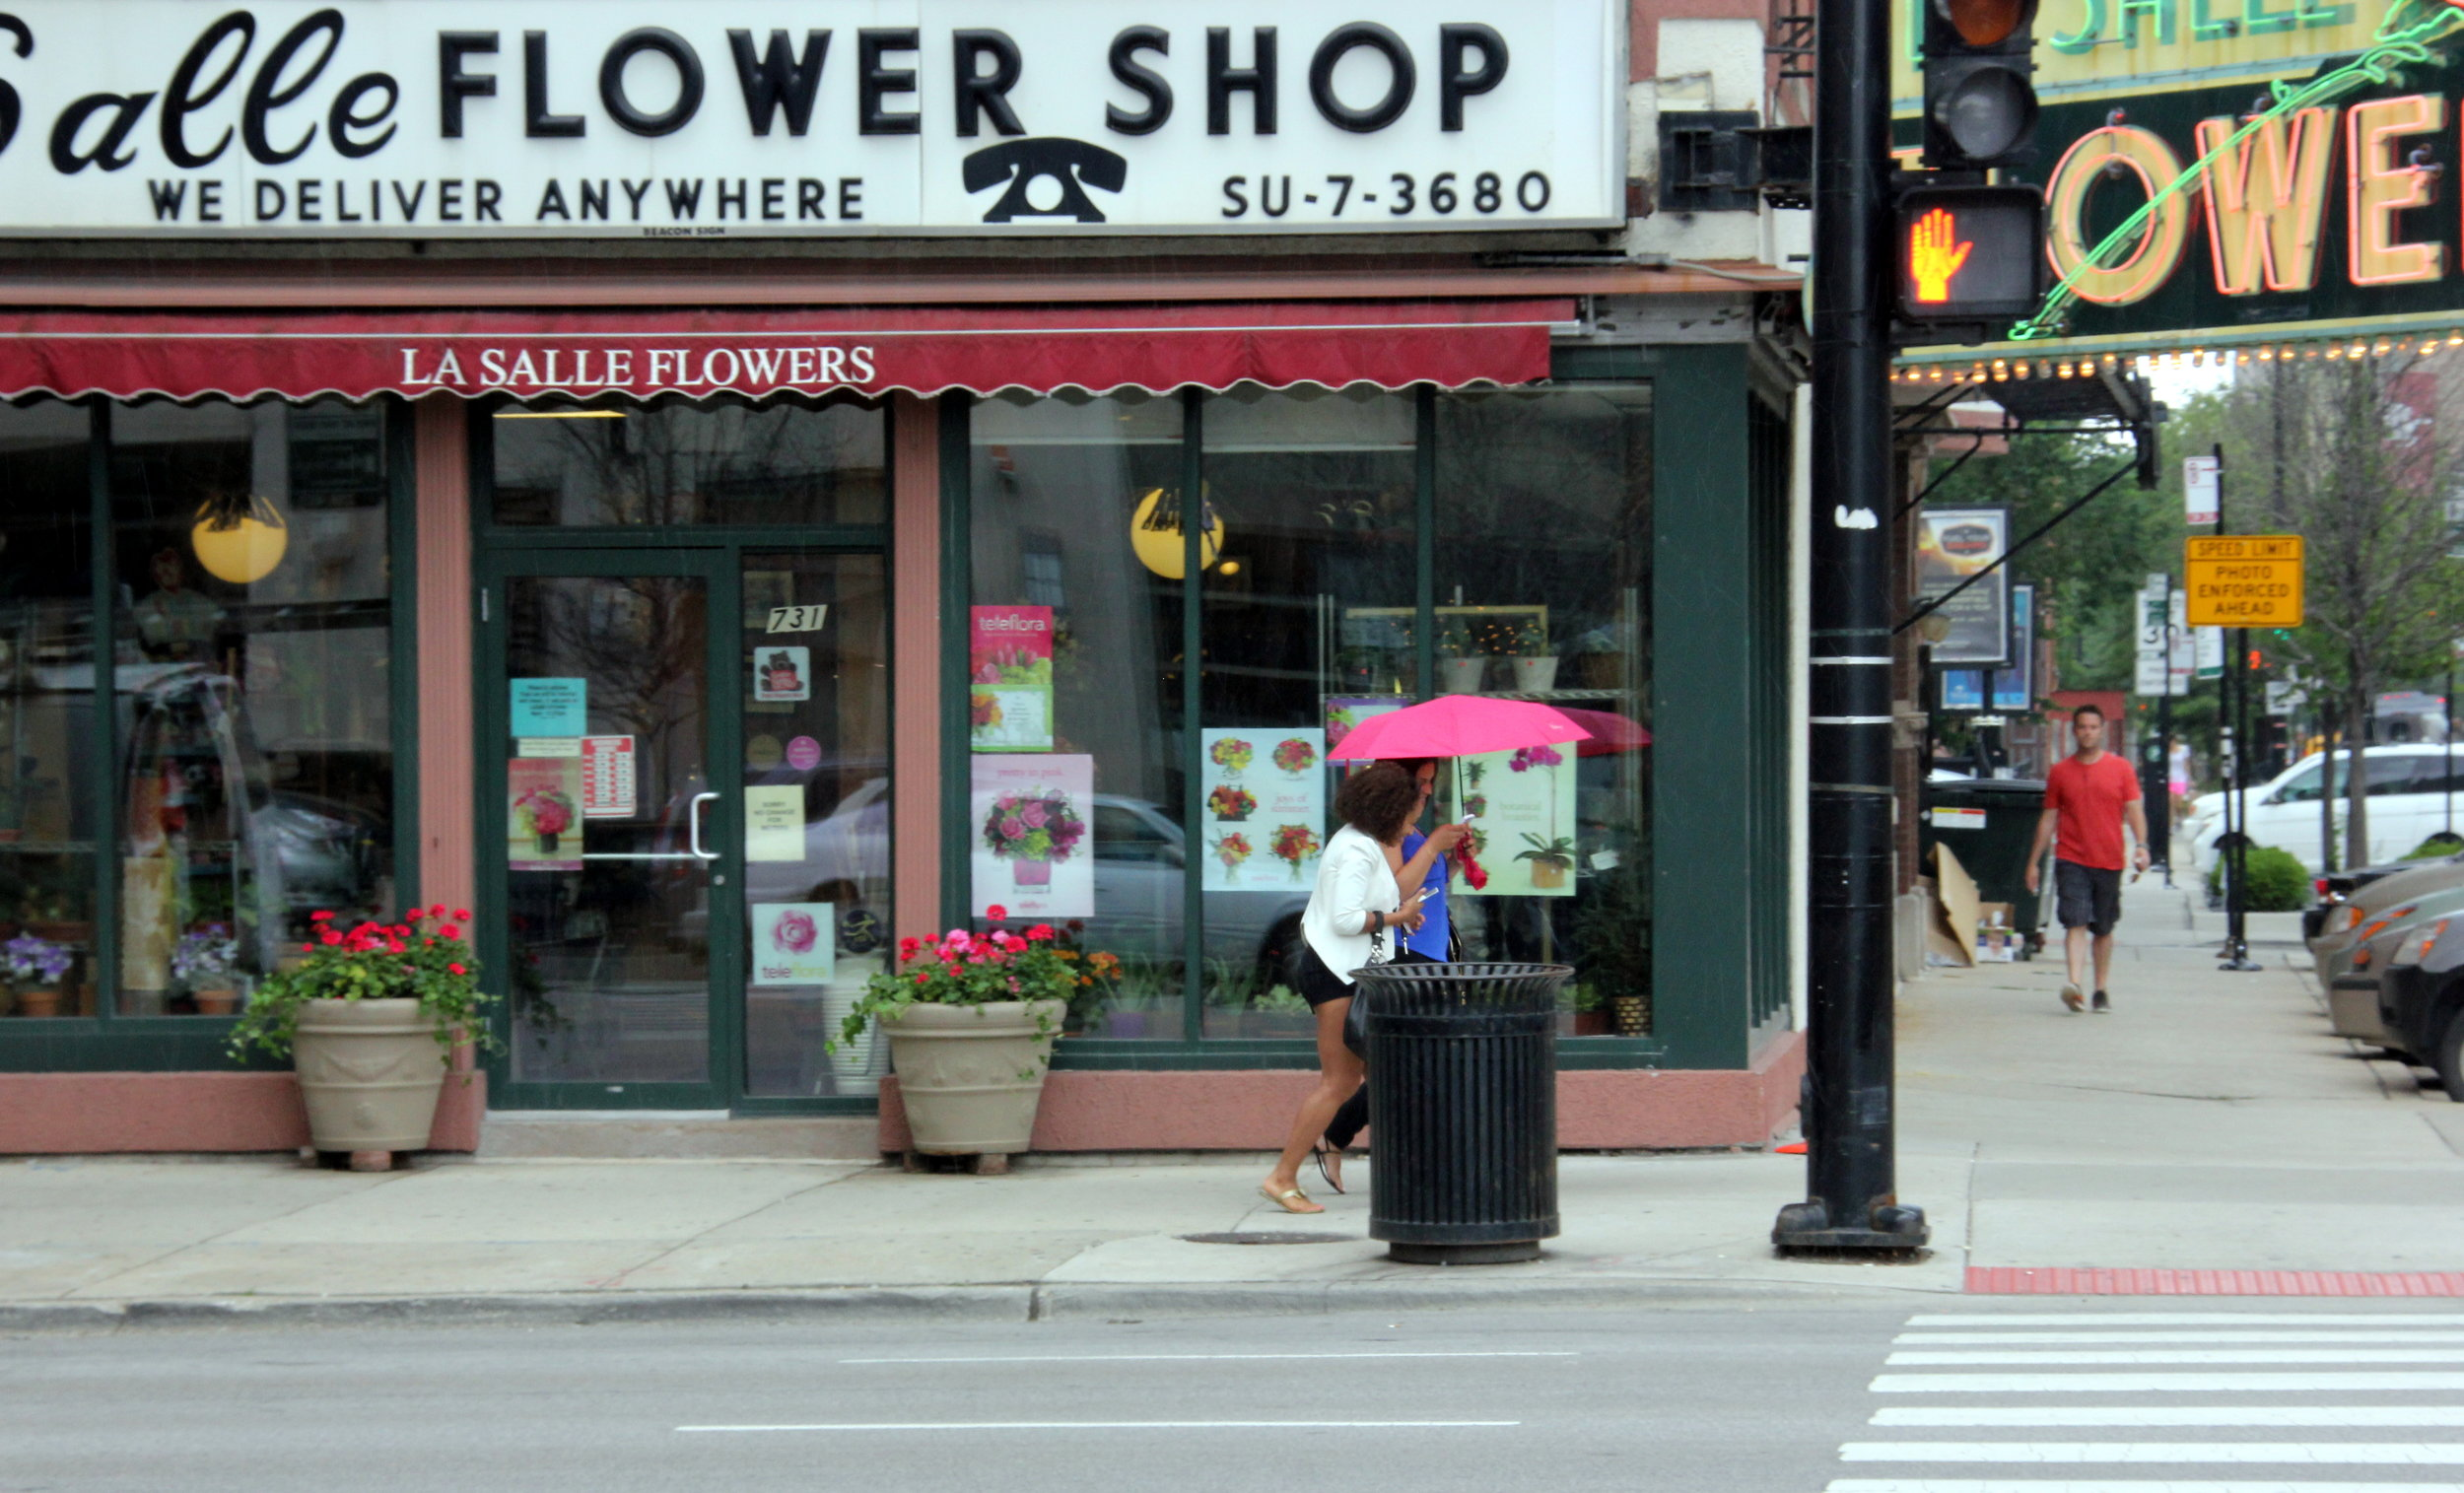 Flowershop.JPG